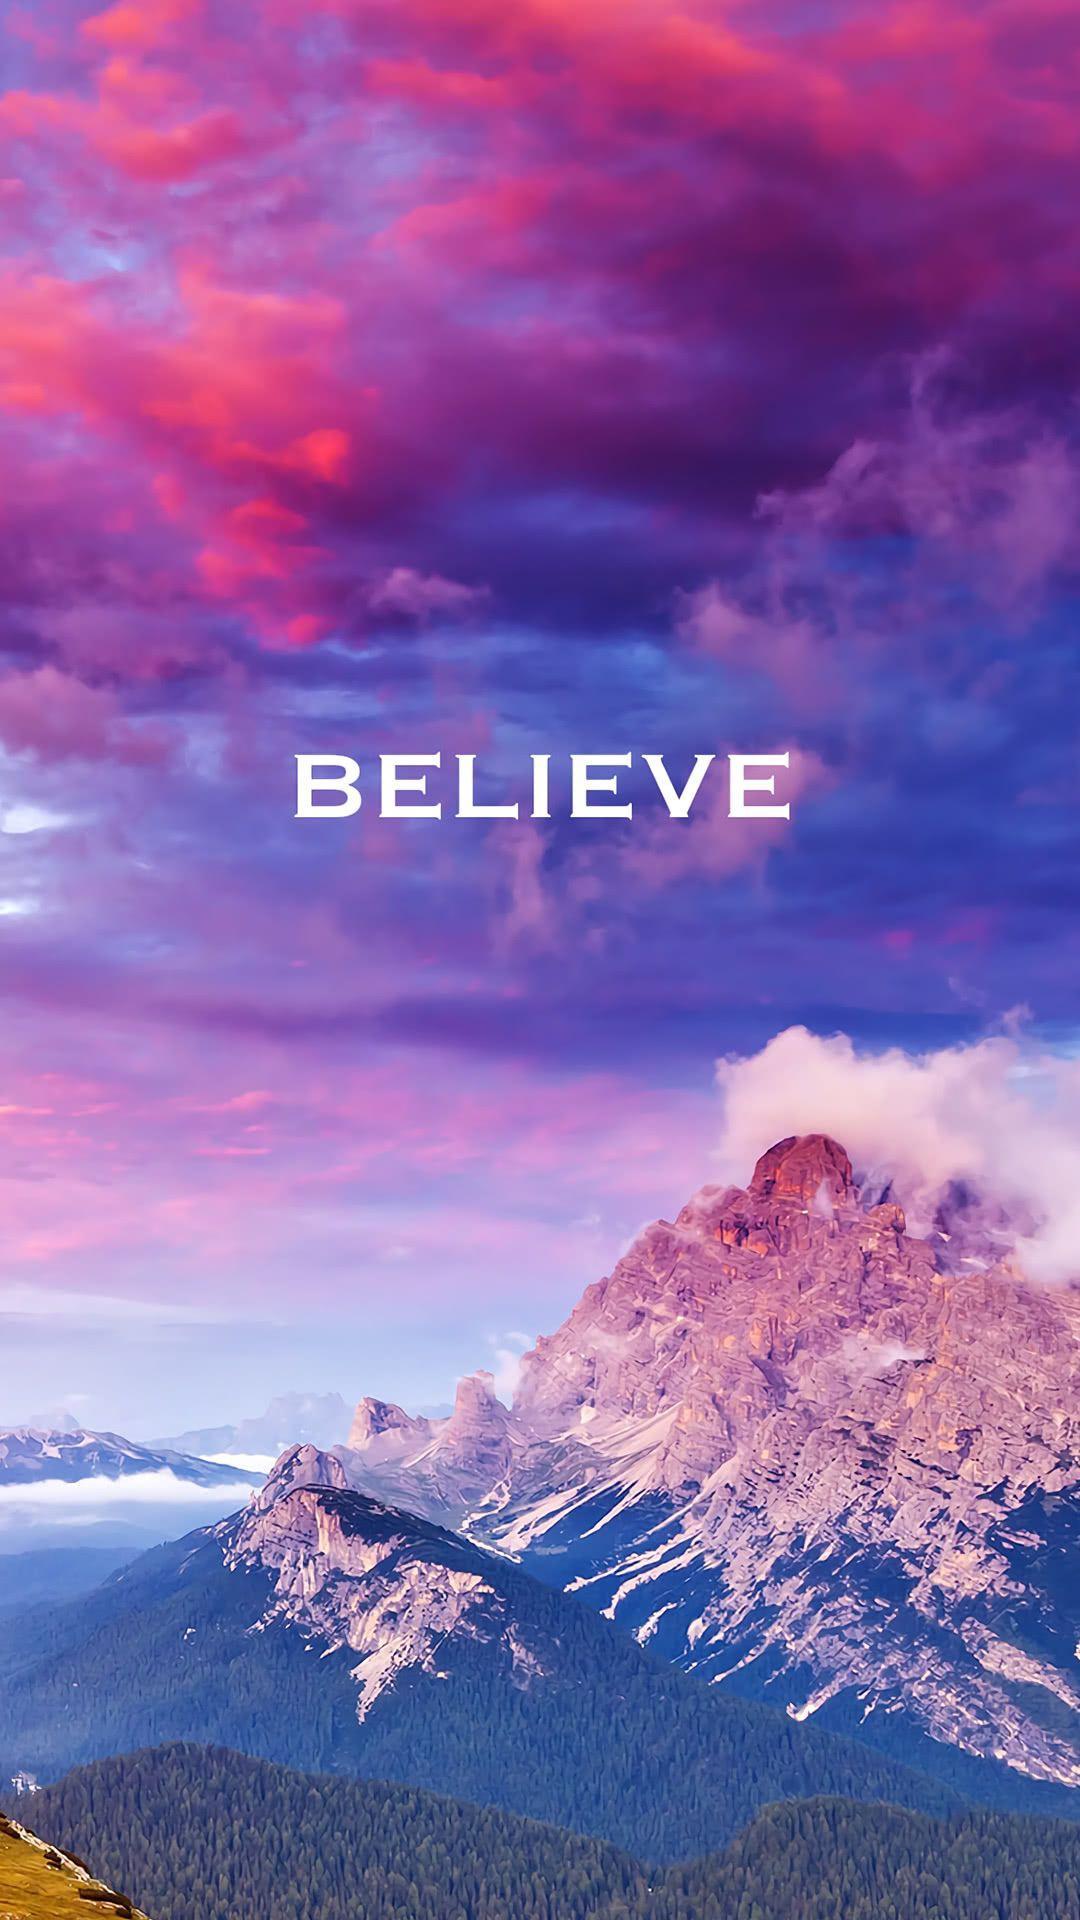 Believe Iphone Wallpapers Top Free Believe Iphone Backgrounds